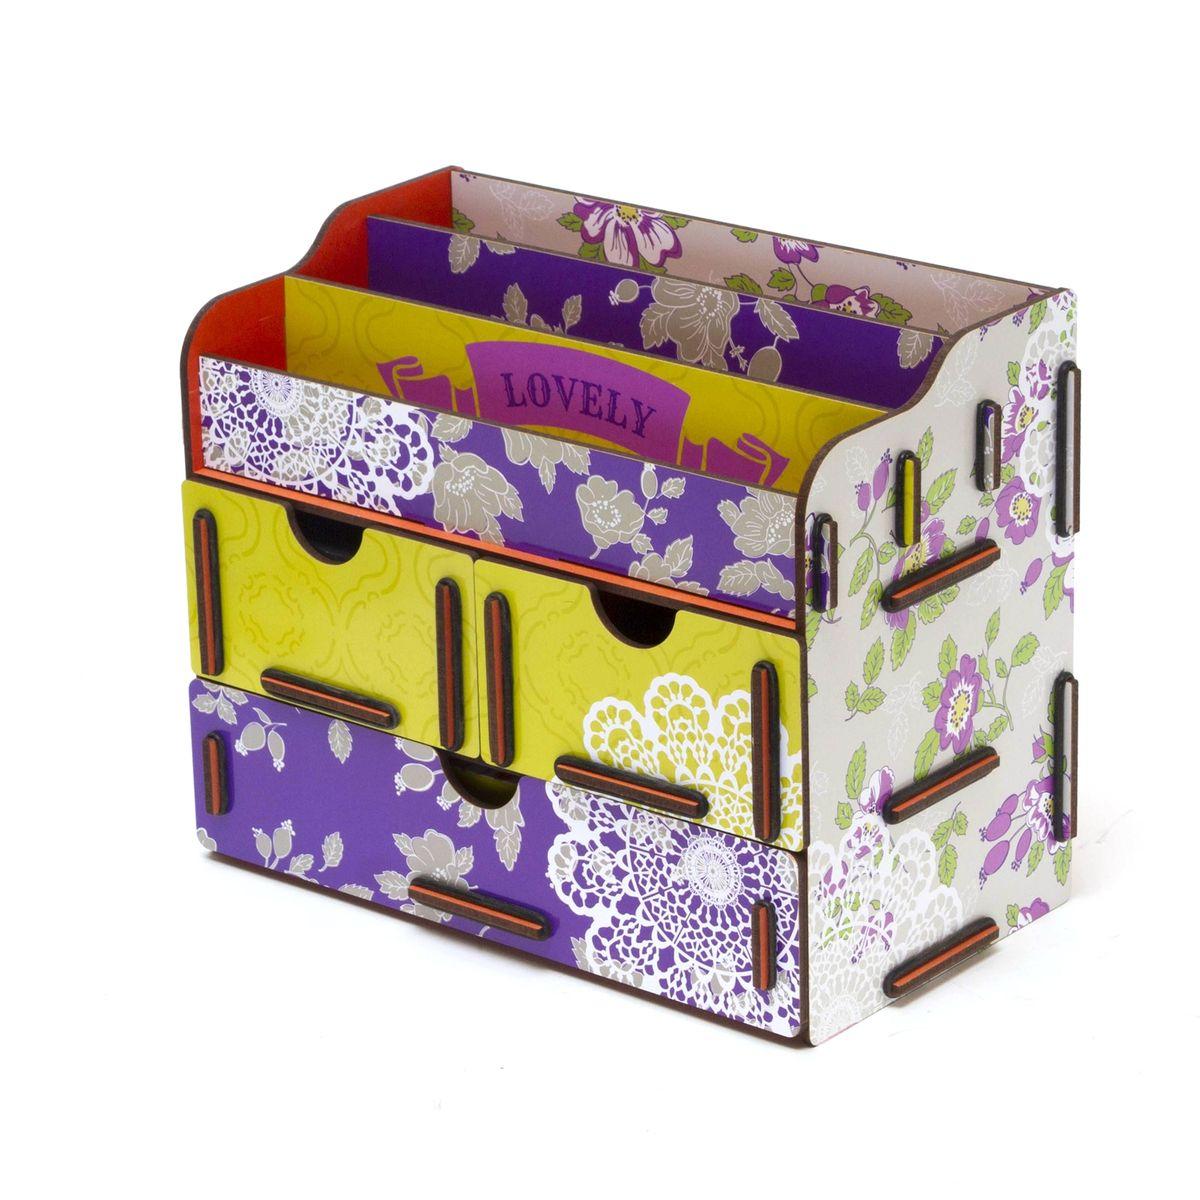 Органайзер для косметики и украшений Homsu Love, 24 x 14 x 19 смHOM-66Органайзер для ко сметики и украшений благодаря двум маленьким ящикам размером 11 см на 14,5 см и одному большому ящику размером 22 см на 14,5 см позволяет разместить все самое необходимое для женщины и всегда иметь это под рукой. Этот оригинальный сундучок имеет также 3 полочки сверху для хранения ко сметики, парфюмерии и аксессуаров, его можно поставить на столе, он станет отличным дополнением интерьера.Фактический цвет может отличаться от заявленного.